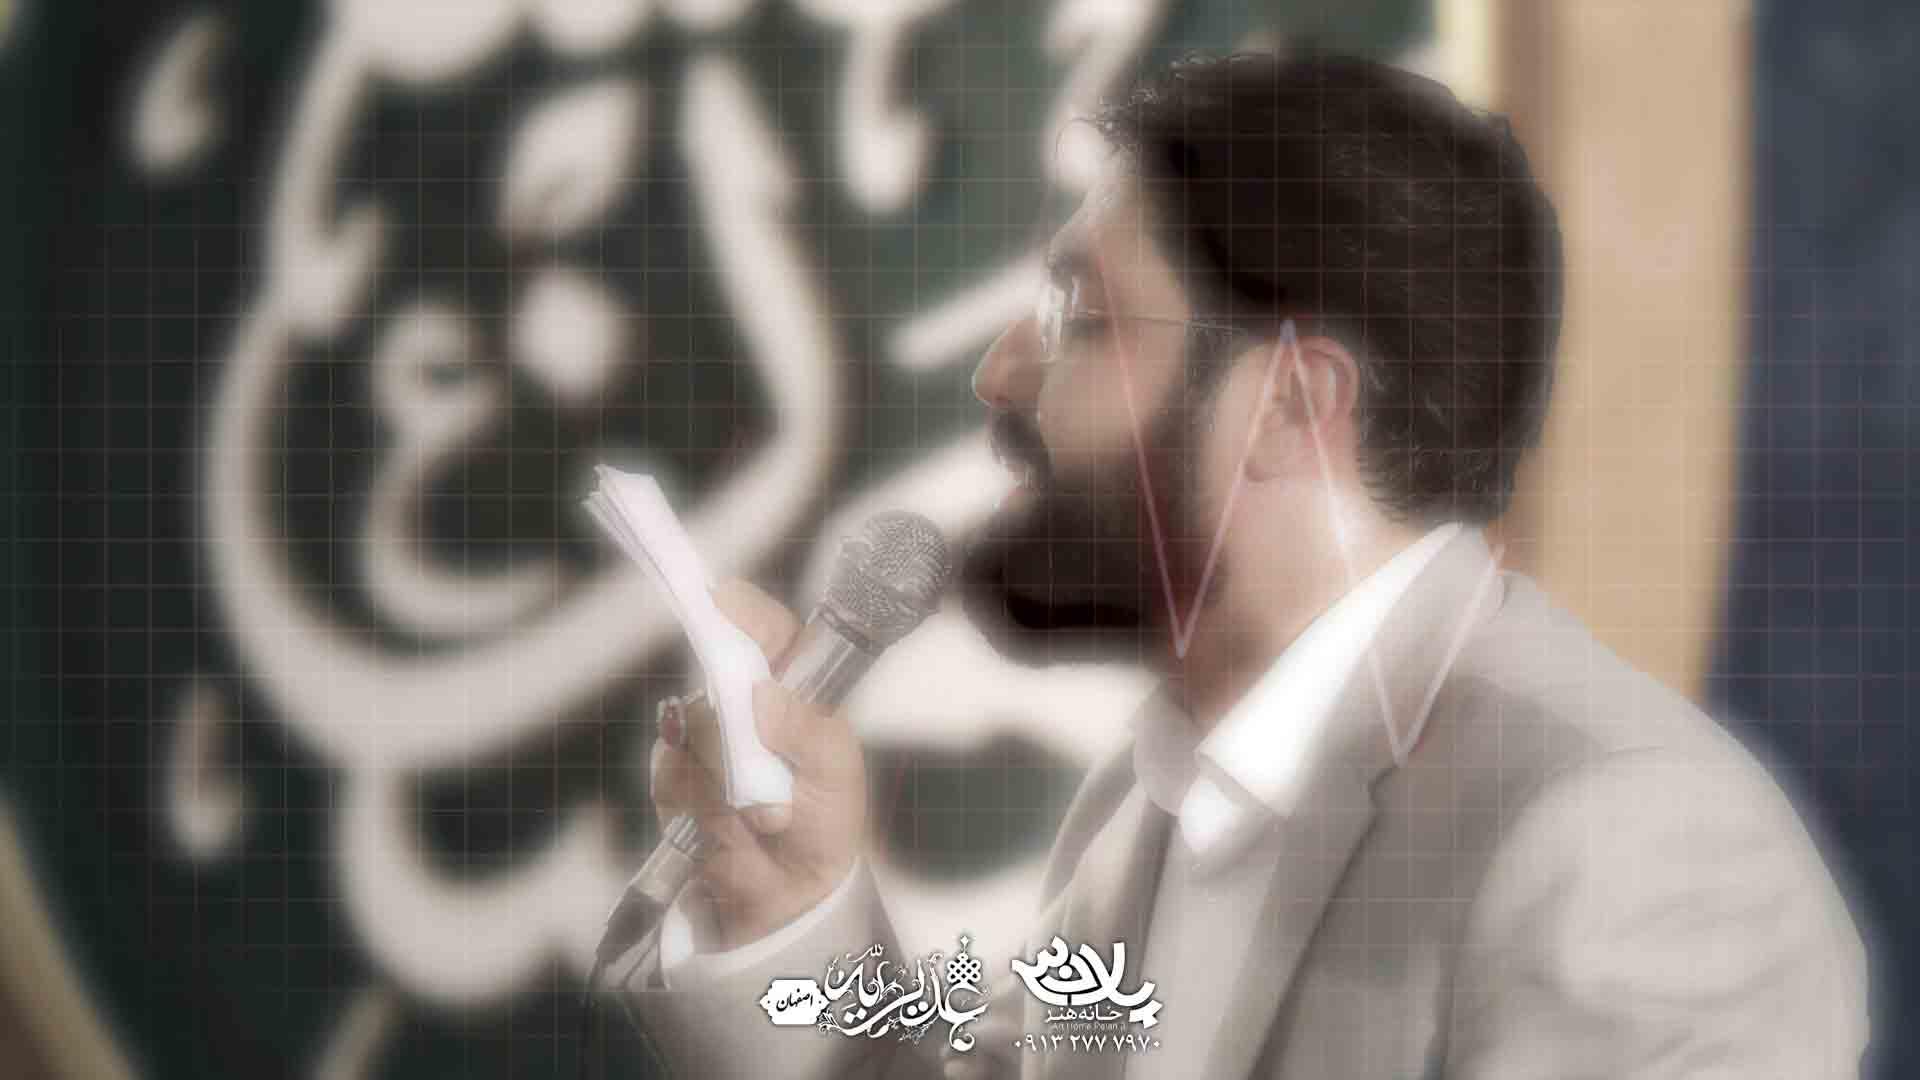 ضربان دل زهرا سعید قانع